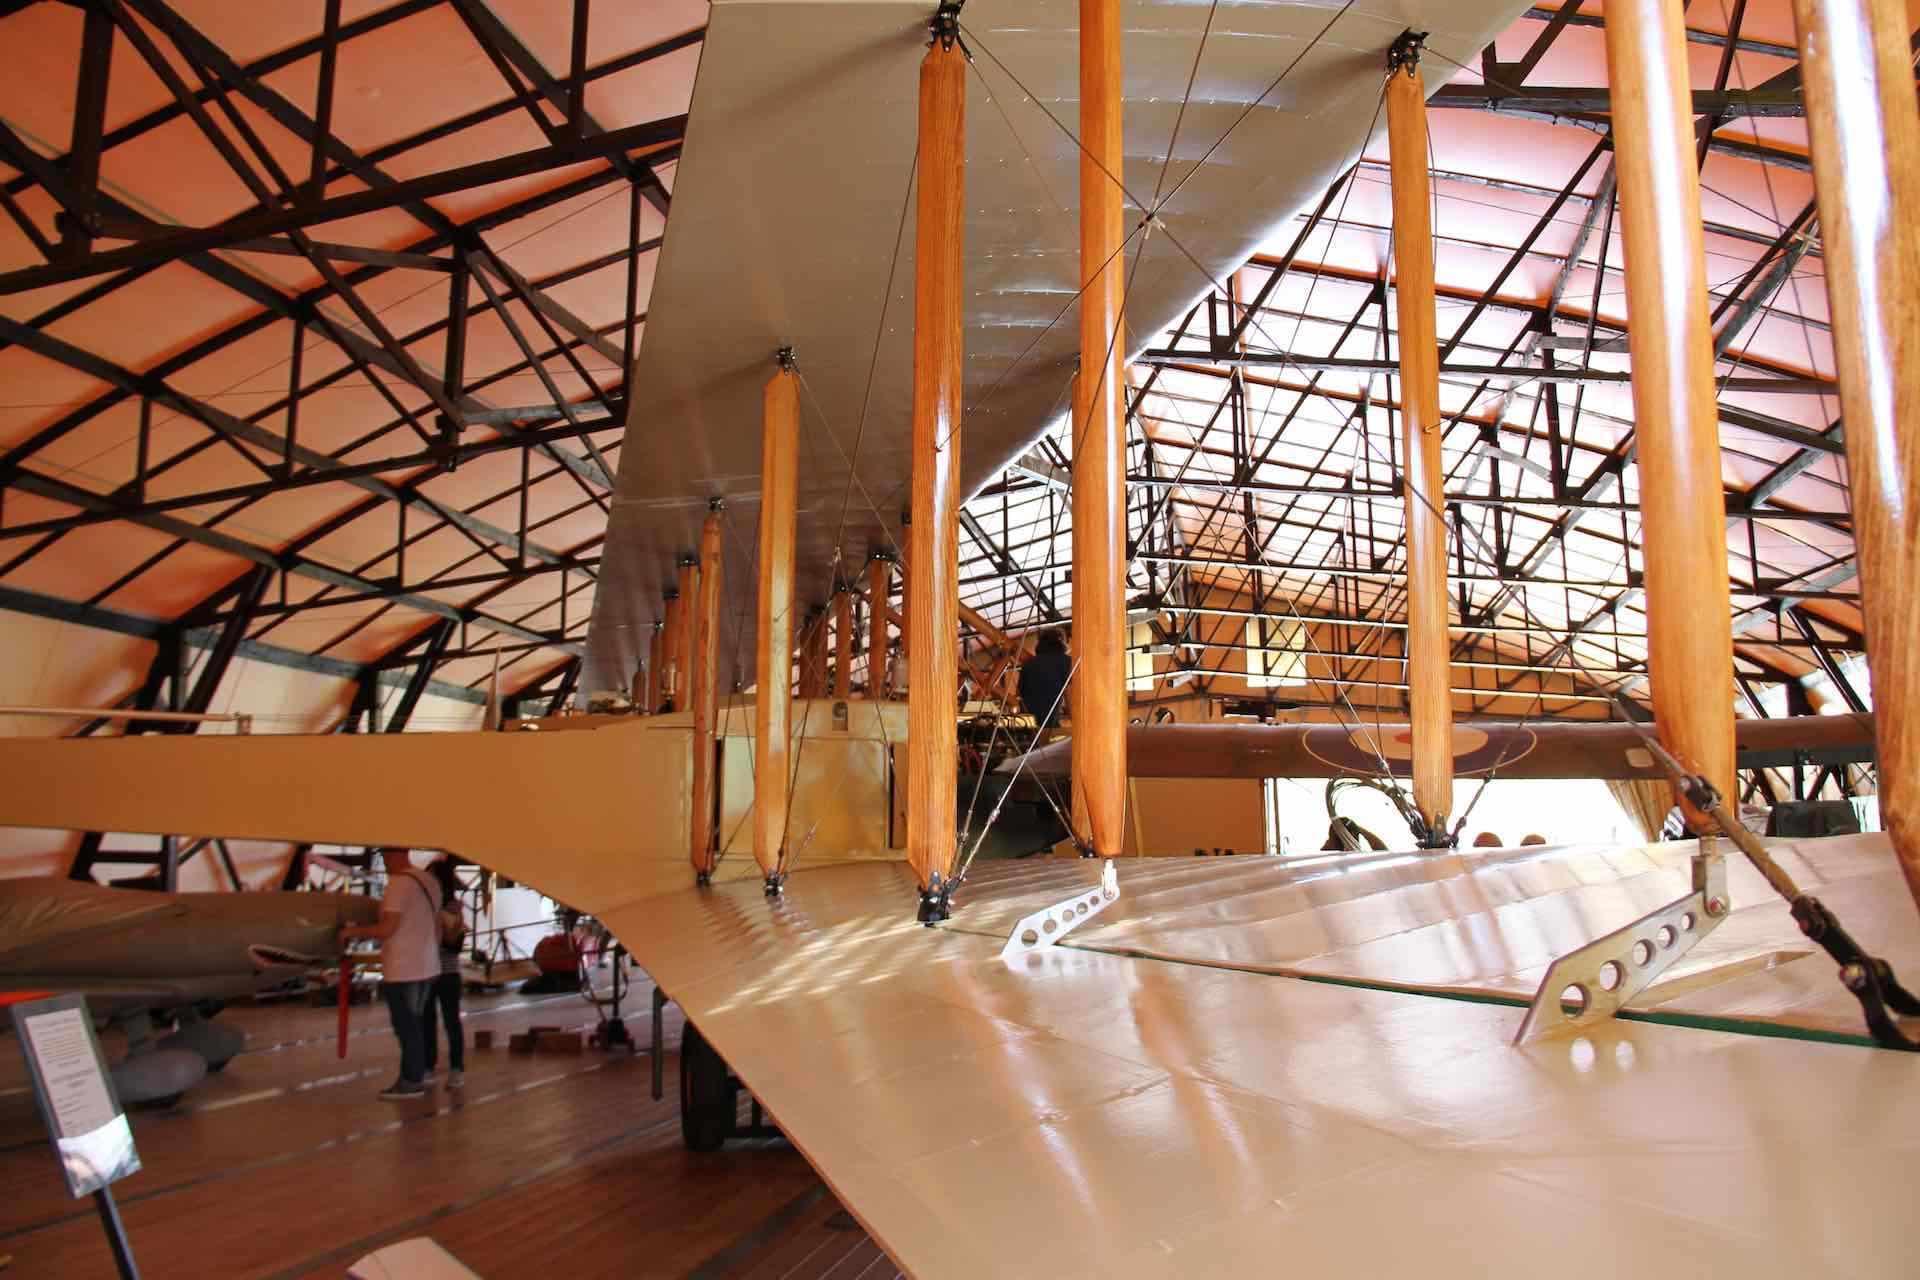 scopri la storia dell'aviazione al Museo Volante Jonathan Collection a Nervesa della battaglia in Treviso